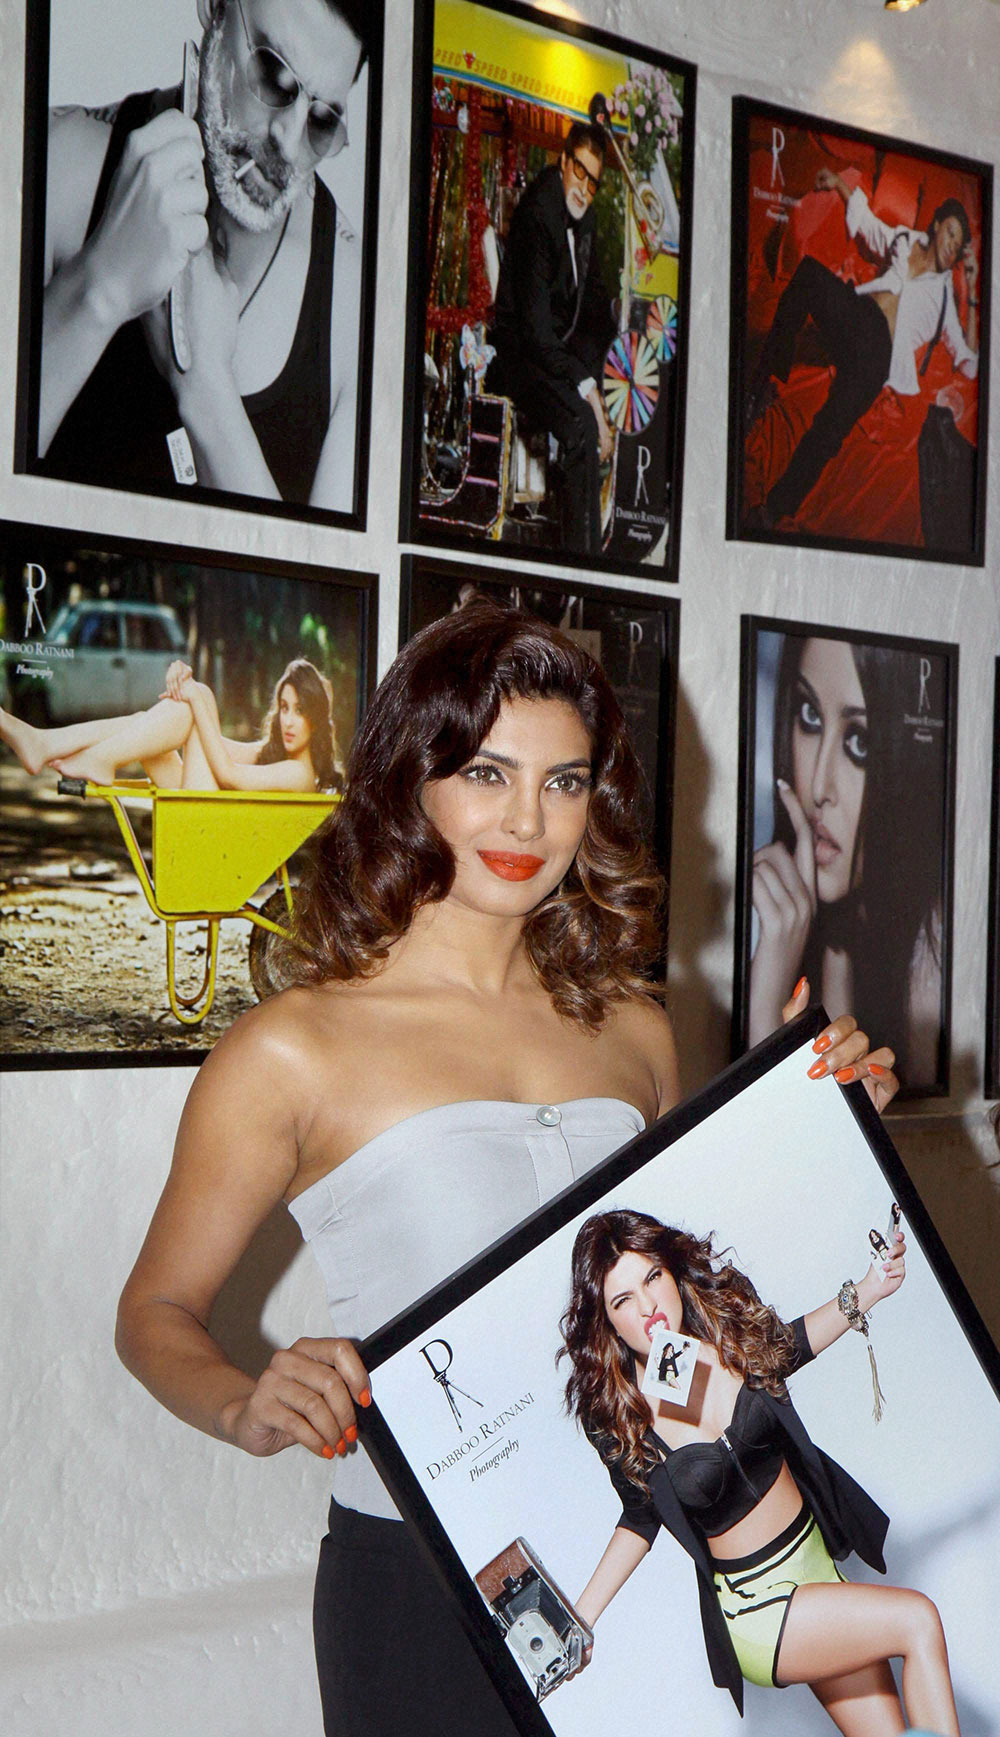 मुंबई : बांद्रा के ओलिव में फोटोग्राफर डब्बू रतनानी के कैलेंडर 2014 की लांचिंग के दौरान अभिनेत्री प्रियंका चोपड़ा। (फोटो सौजन्य : डीएनए)